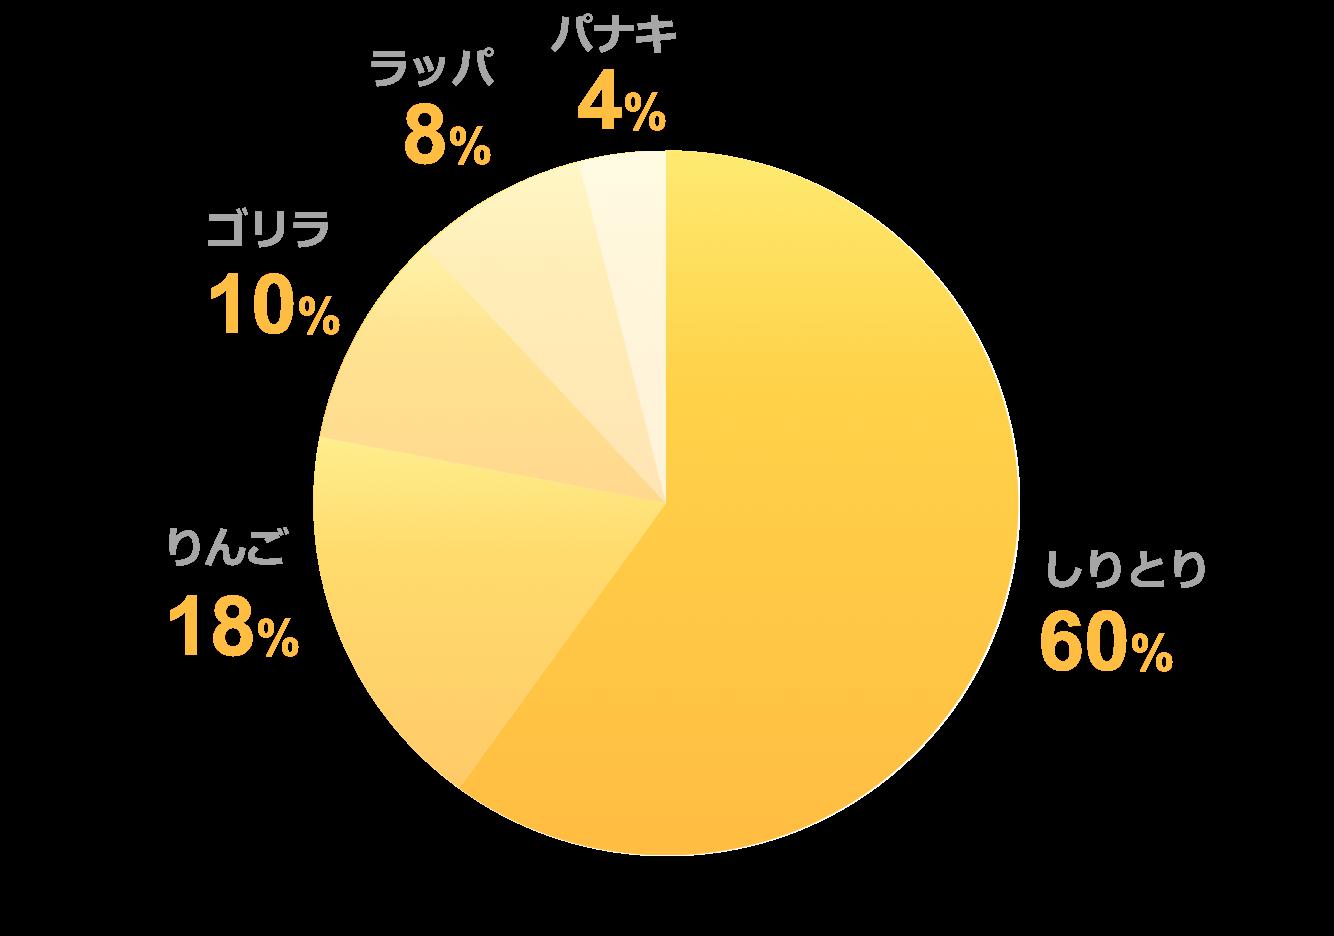 円グラフ黄色サンプル